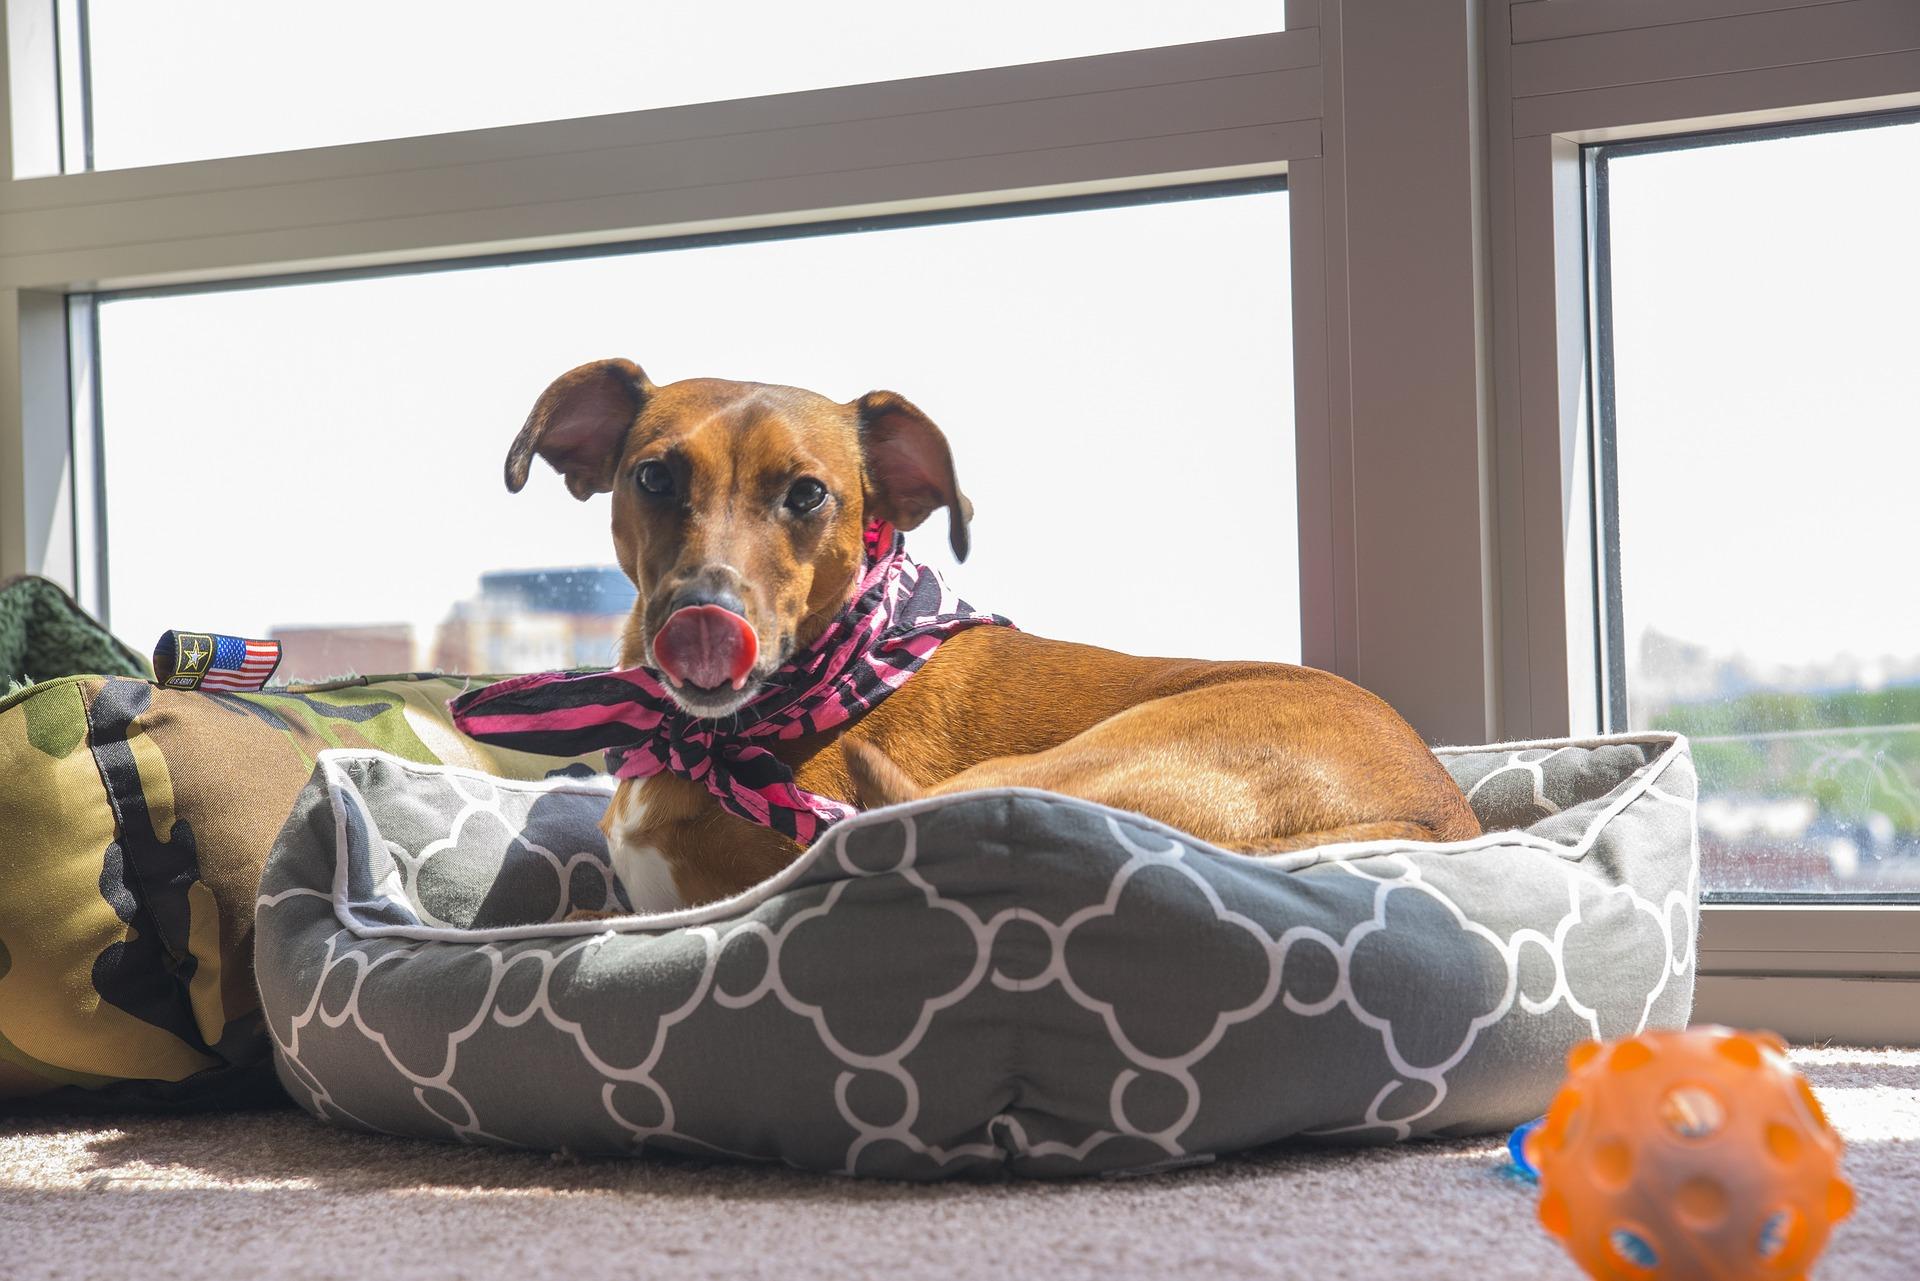 Jak spędzać czas z psem podczas epidemii koronawirusa? Przebywając razem całe dnie z powodu koronawirusa pies może szybko popadać w nudę i znajdzie sobie zajęcia np. w formie niszczenia ludzkich sprzętów. Warto przekierować energię psa na dedykowane ku temu przedmioty - gryzaki, zabawki, suszone smaczki.